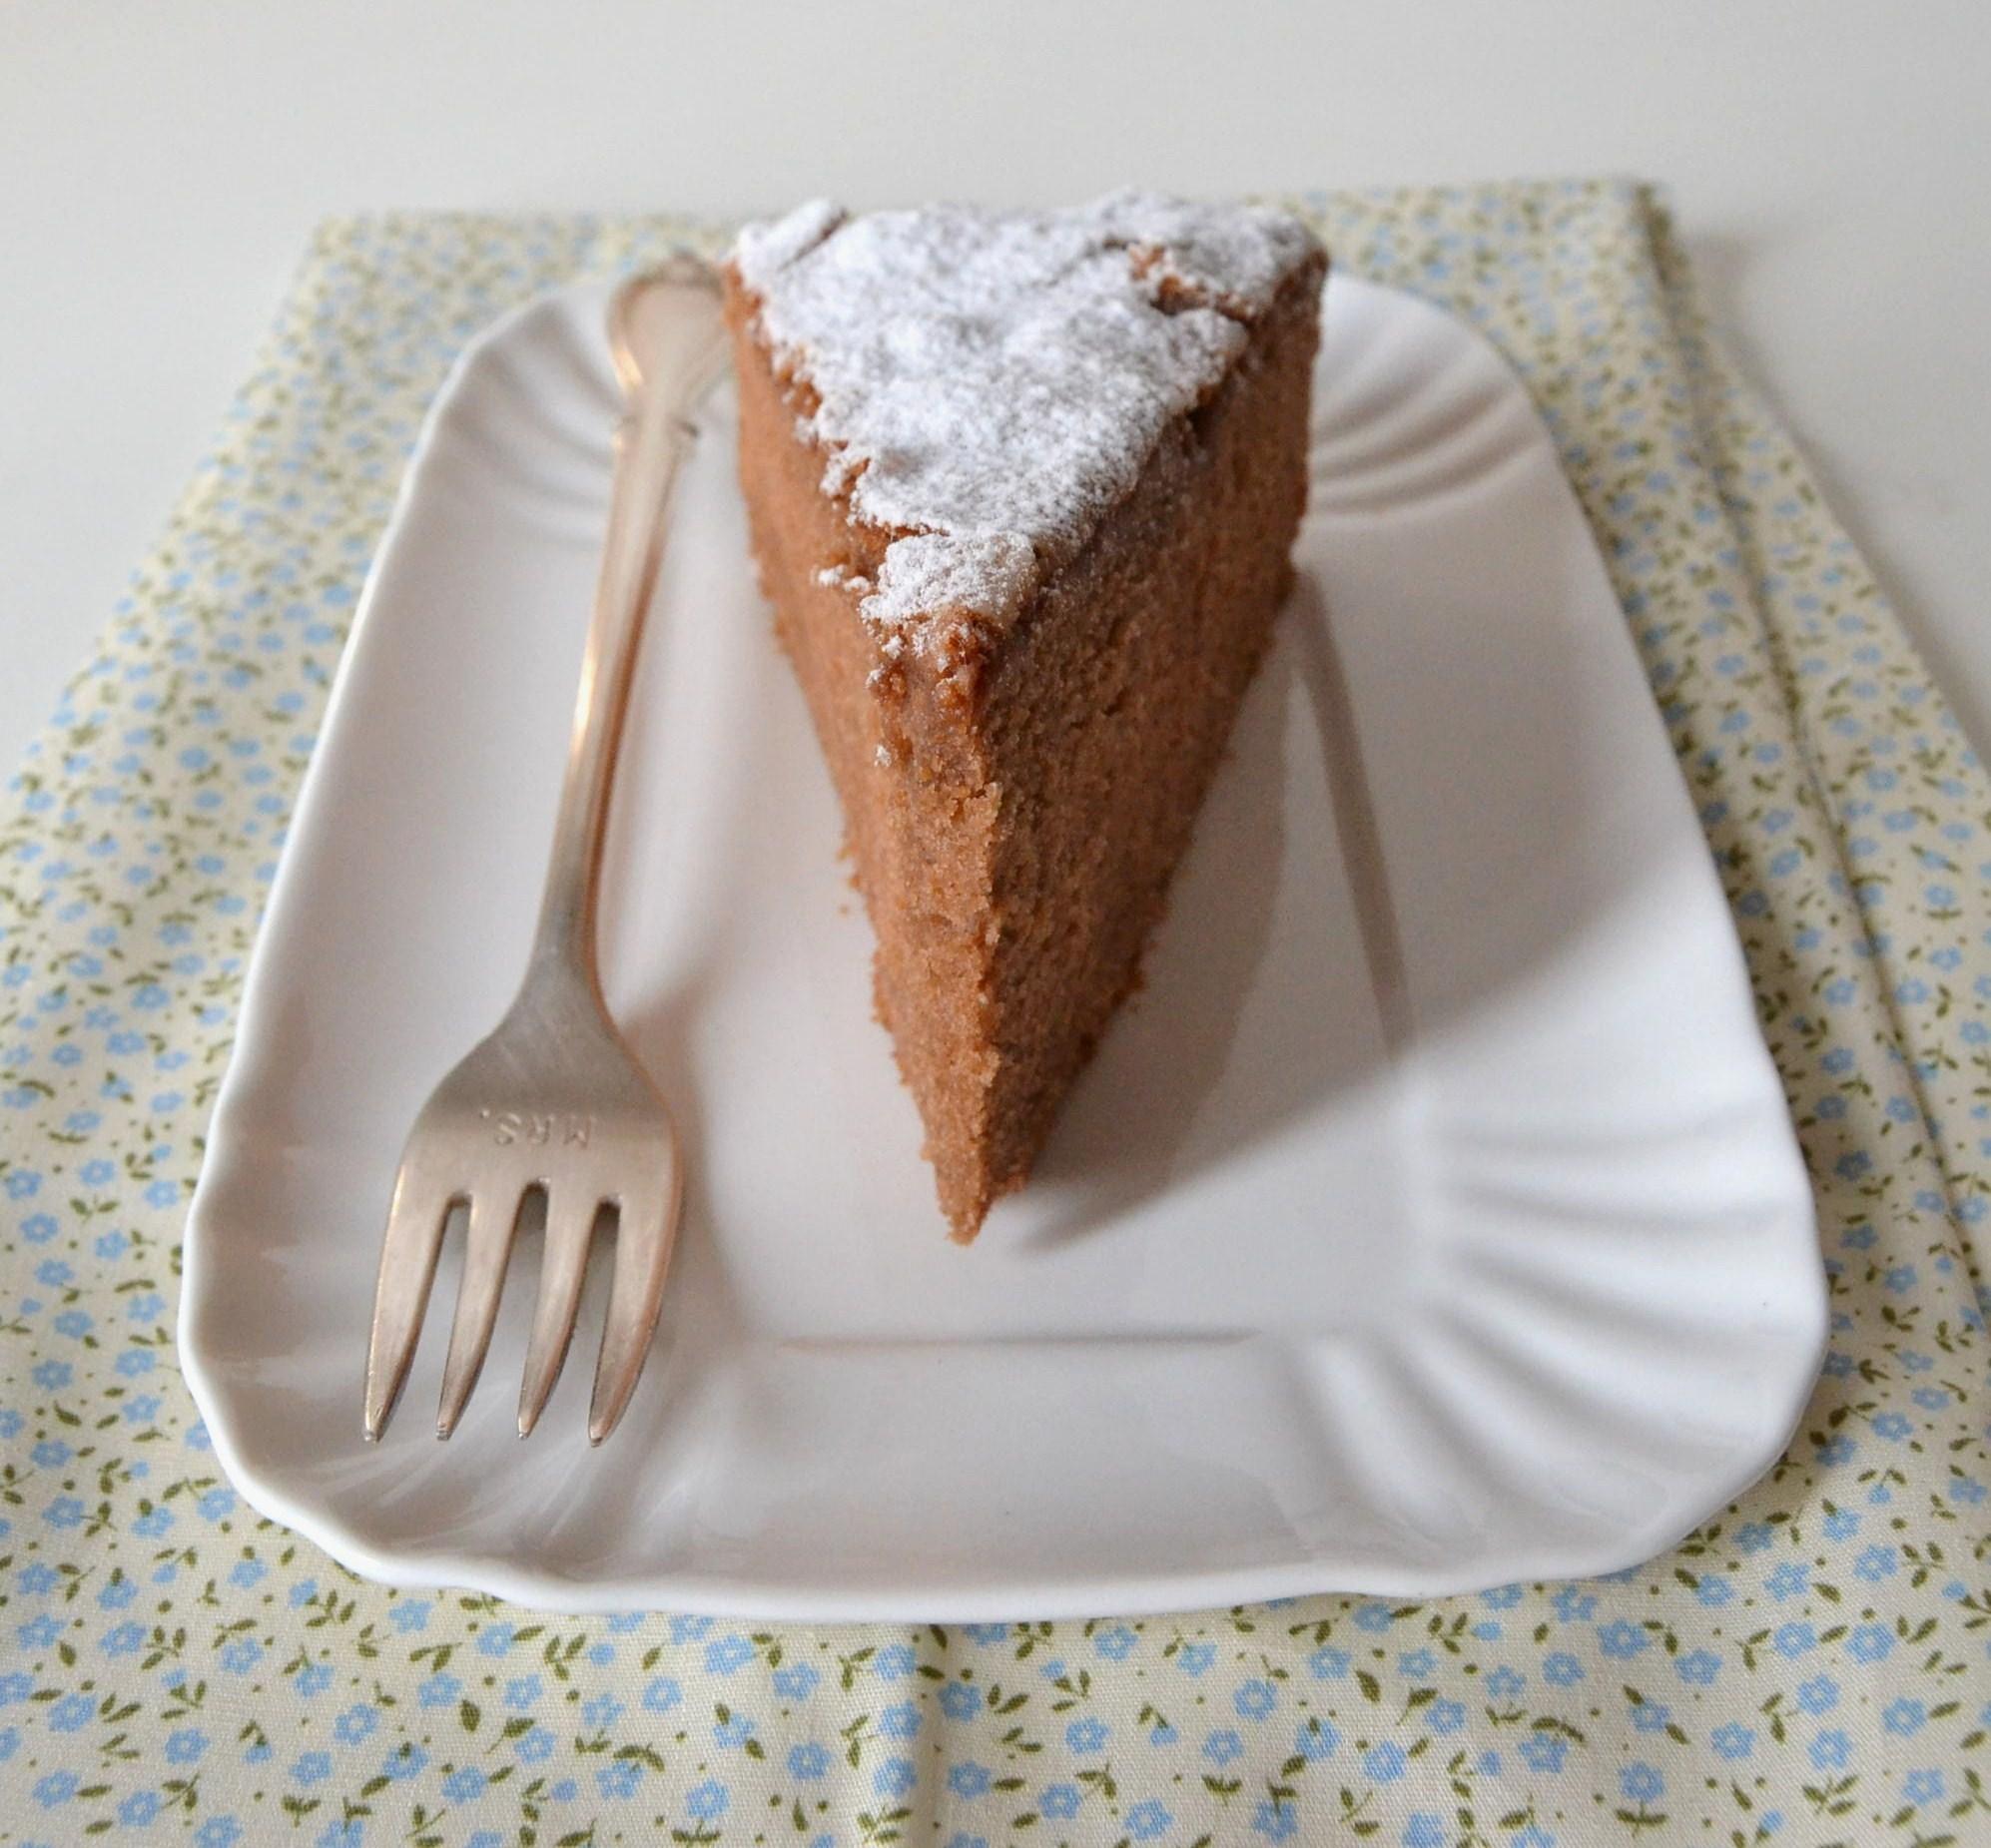 La torta al cioccolato col cuore di panna ricette ricetteaquadretti d - Differenza panna da cucina e panna fresca ...